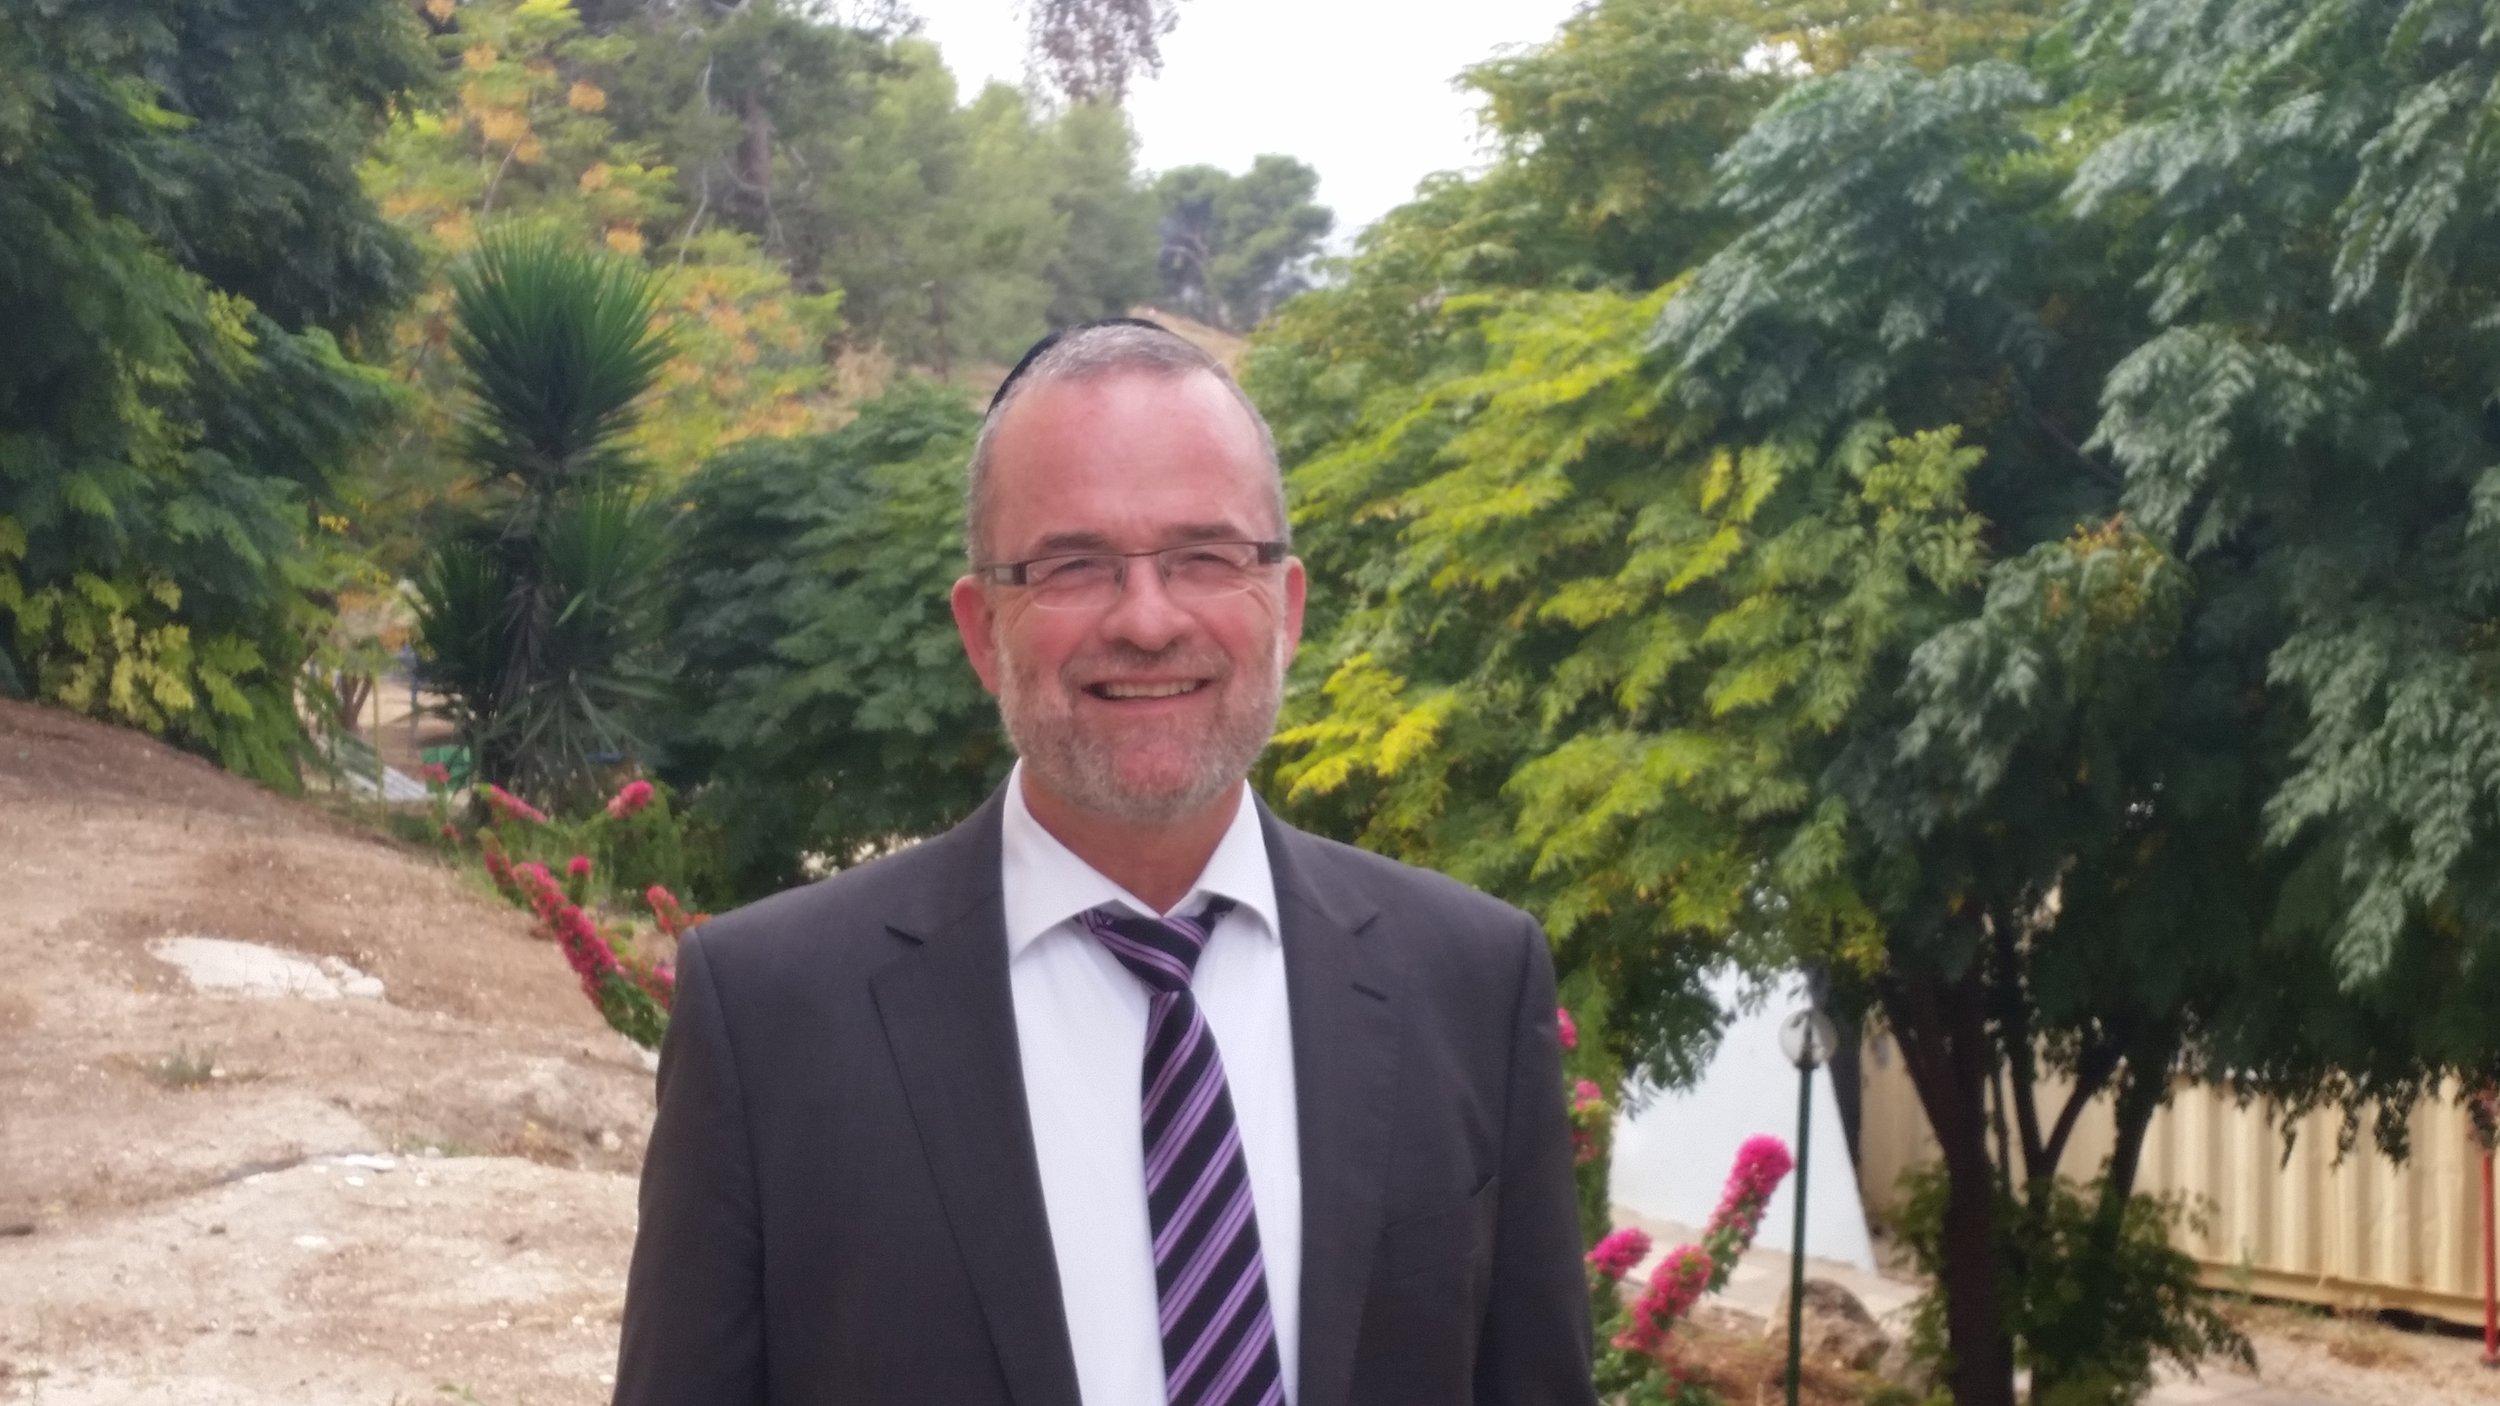 Rabbi Eitan Eckstein